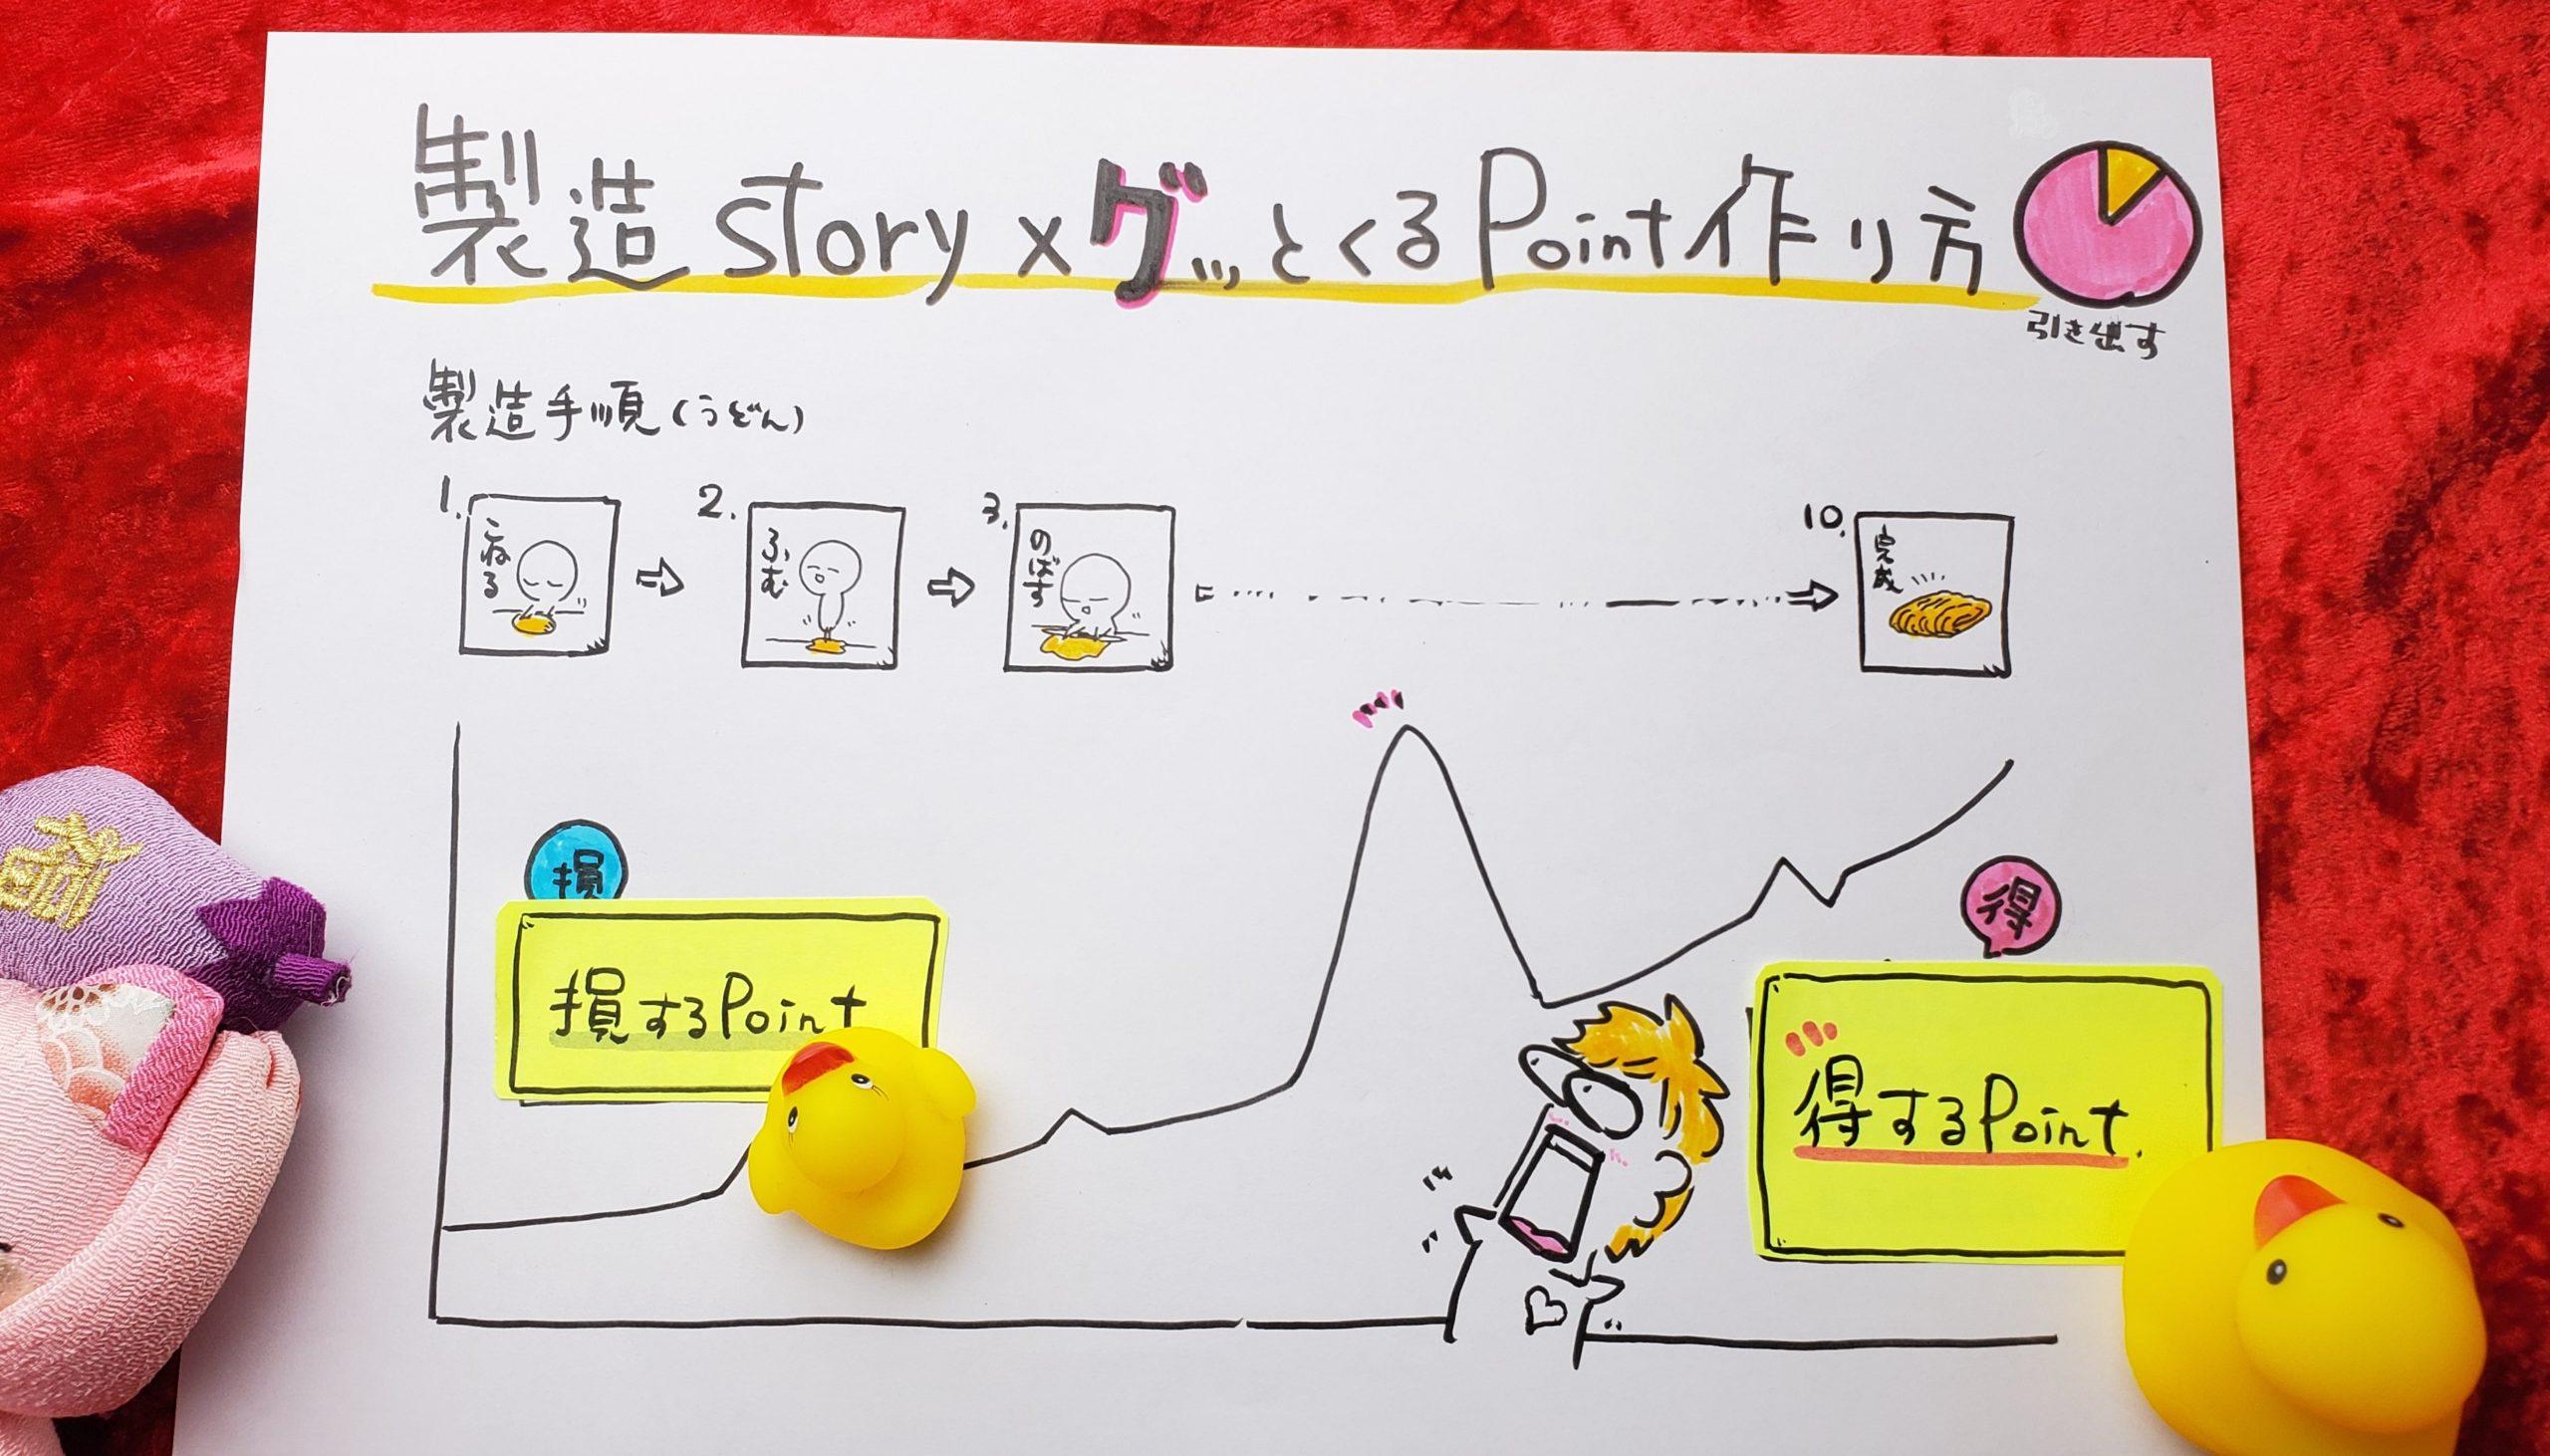 製造ストーリーの伝え方・損&得するポイント【図解ビジネス】